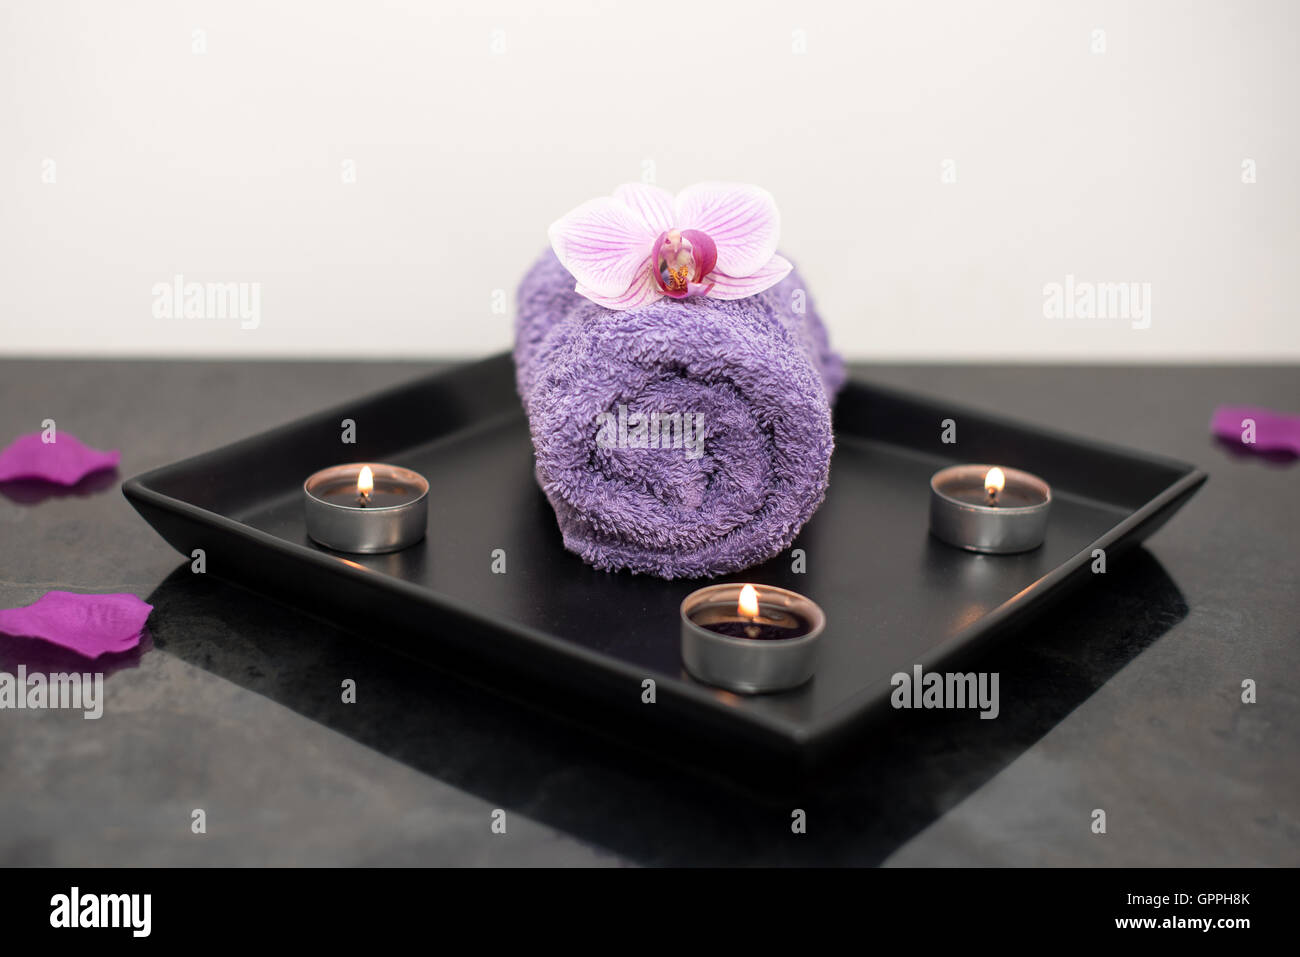 Beauty-Salon-Dekoration im Massageraum, Kerzen, Handtuch und ...